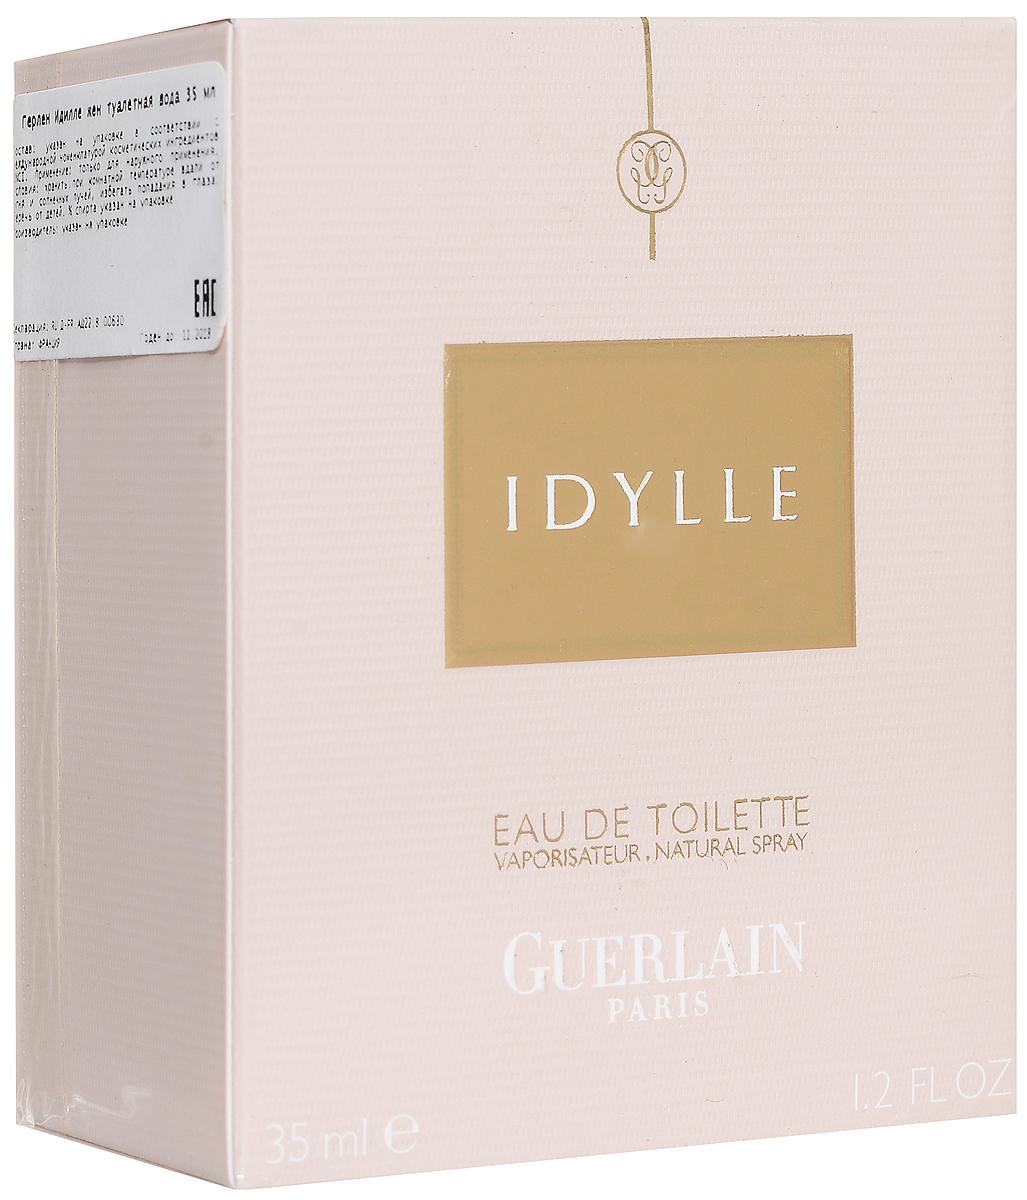 Guerlain Туалетная вода Idylle, женская, 35 мл28032022Guerlain Idylle Eau De Toilette выпускает более легкую и более цветочную версию аромата Idylle, представленную в золотом искрящемся флаконе. За основу аромата парфюмер Тьерри Вассер решил взять излюбленную ноту розы - фирменную карточку Guerlain, желая выбрать нечто особенное и исключительное, чтобы новая версия являлась воплощением самого совершенства!Классификация аромата: свежий, цветочный.Верхние ноты: дамасская роза, ландыш, белая сирень.Ноты сердца:пион, жасмин, оттенки зелени.Ноты шлейфа:мускус, масло иланг-иланга.Ключевые слова:Возвышенный, нежный, романтичный, очаровательный!Туалетная вода - один из самых популярных видов парфюмерной продукции. Туалетная вода содержит 4-10%парфюмерного экстракта. Главные достоинства данного типа продукции заключаются в доступной цене, разнообразии форматов (как правило, 30, 50, 75, 100 мл), удобстве использования (чаще всего - спрей). Идеальна для дневного использования. Товар сертифицирован.